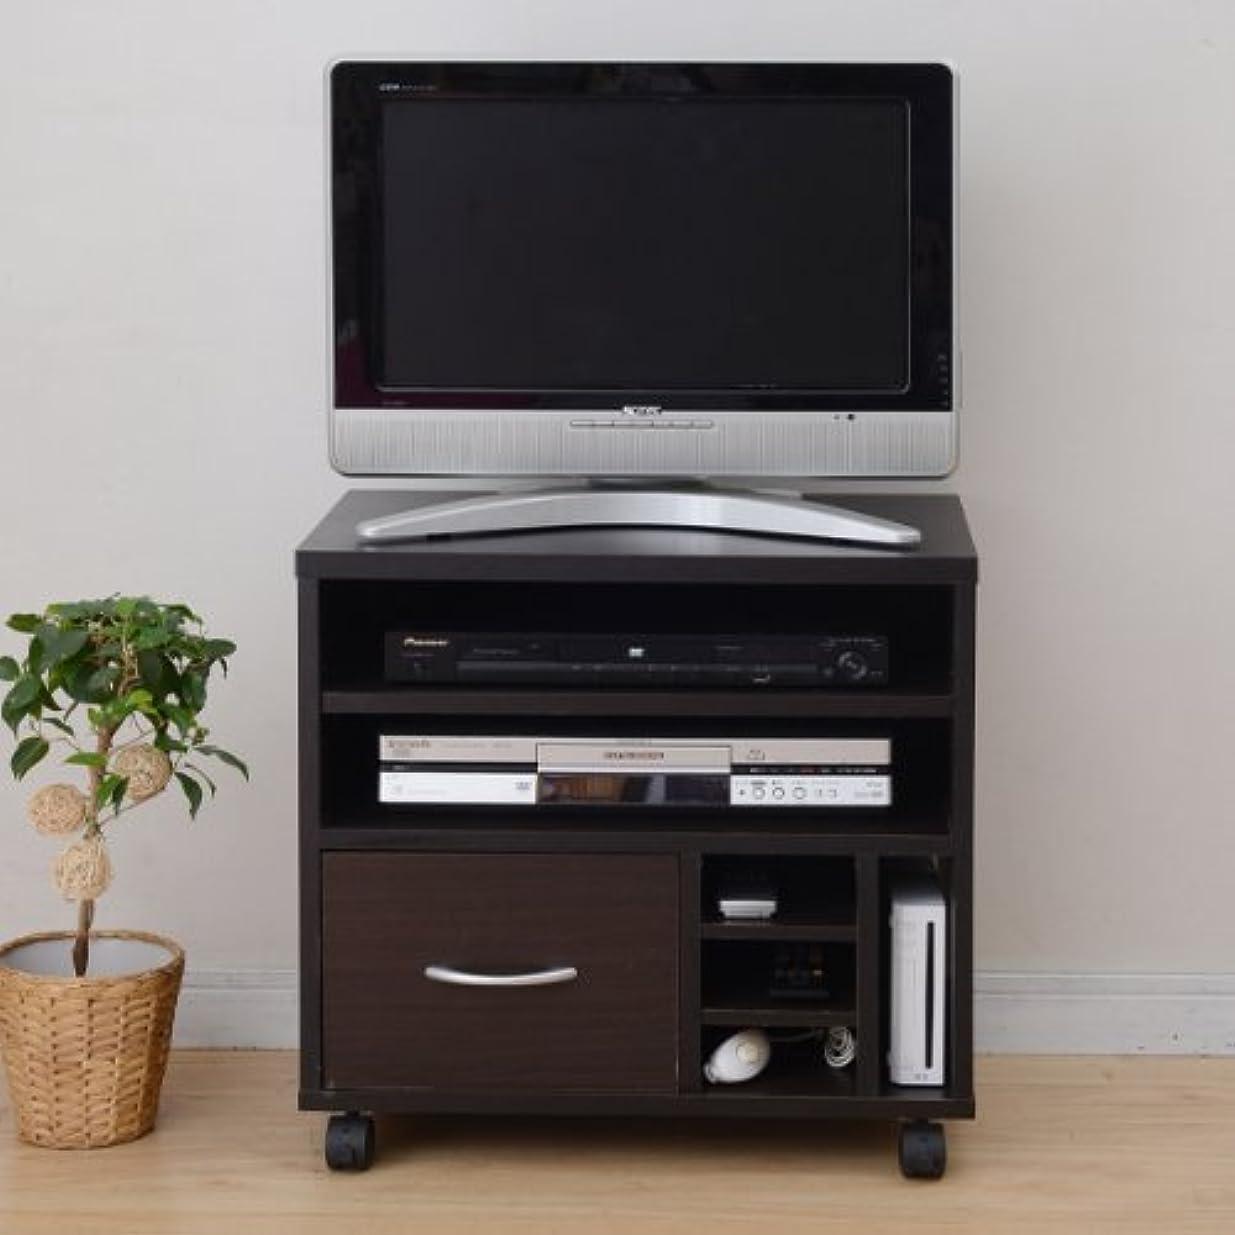 溶けた防止の配列山善(YAMAZEN) まとめて収納できる小型テレビ台 FGTV-600C(DBR)